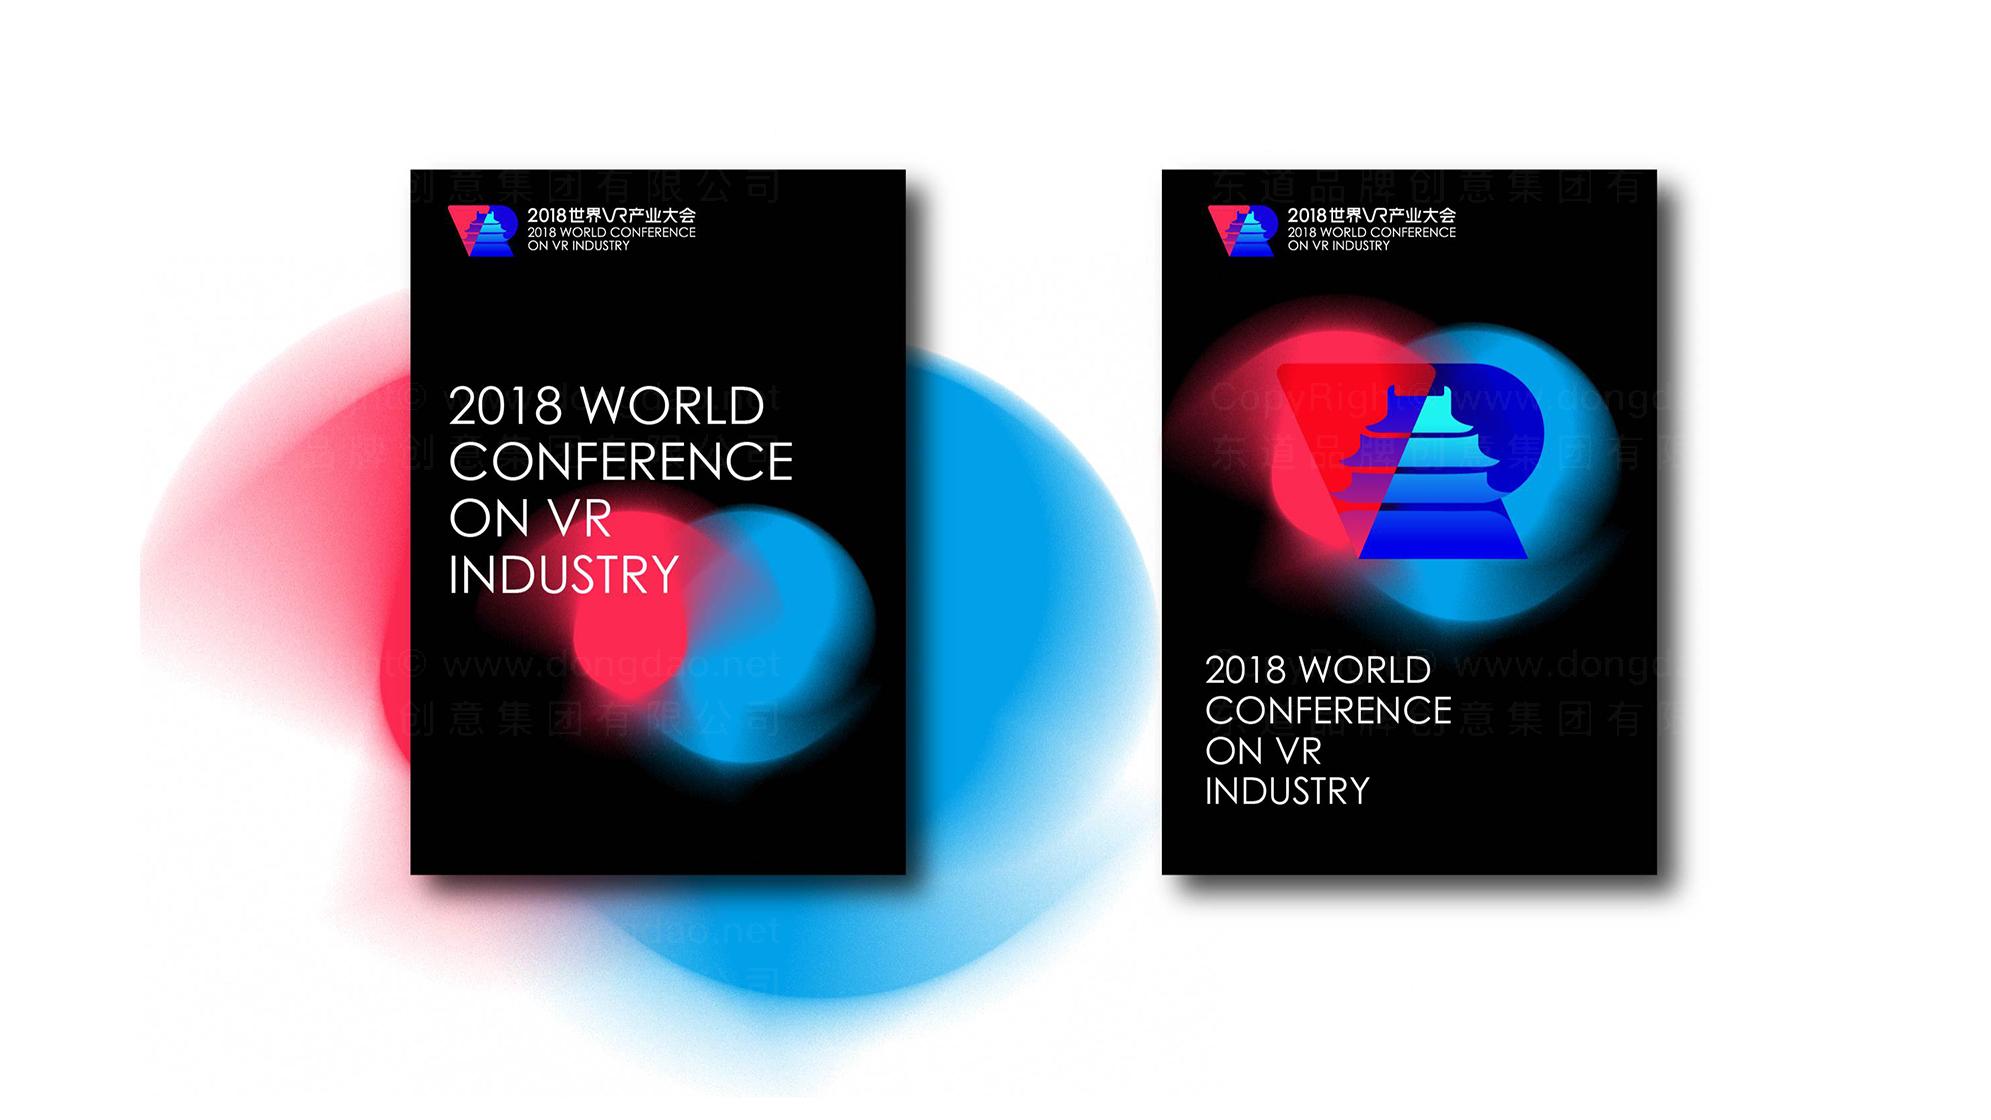 品牌设计世界VR大会LOGO&VI设计应用场景_8